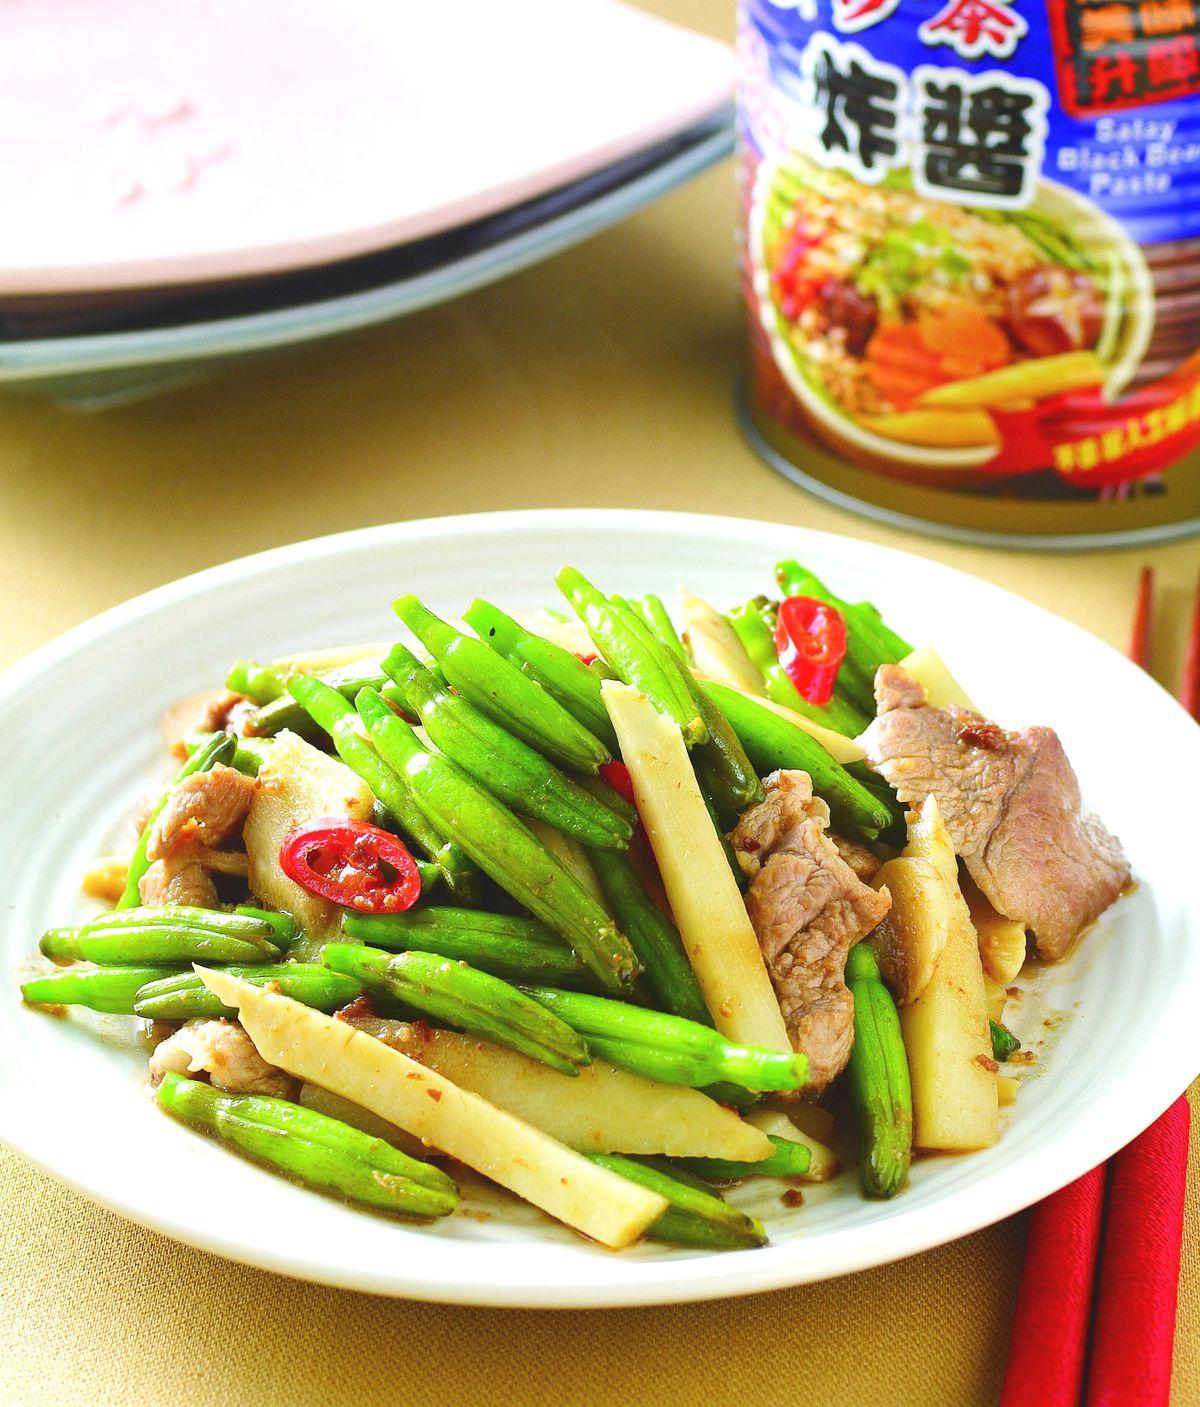 食譜:綠金針炒肉片